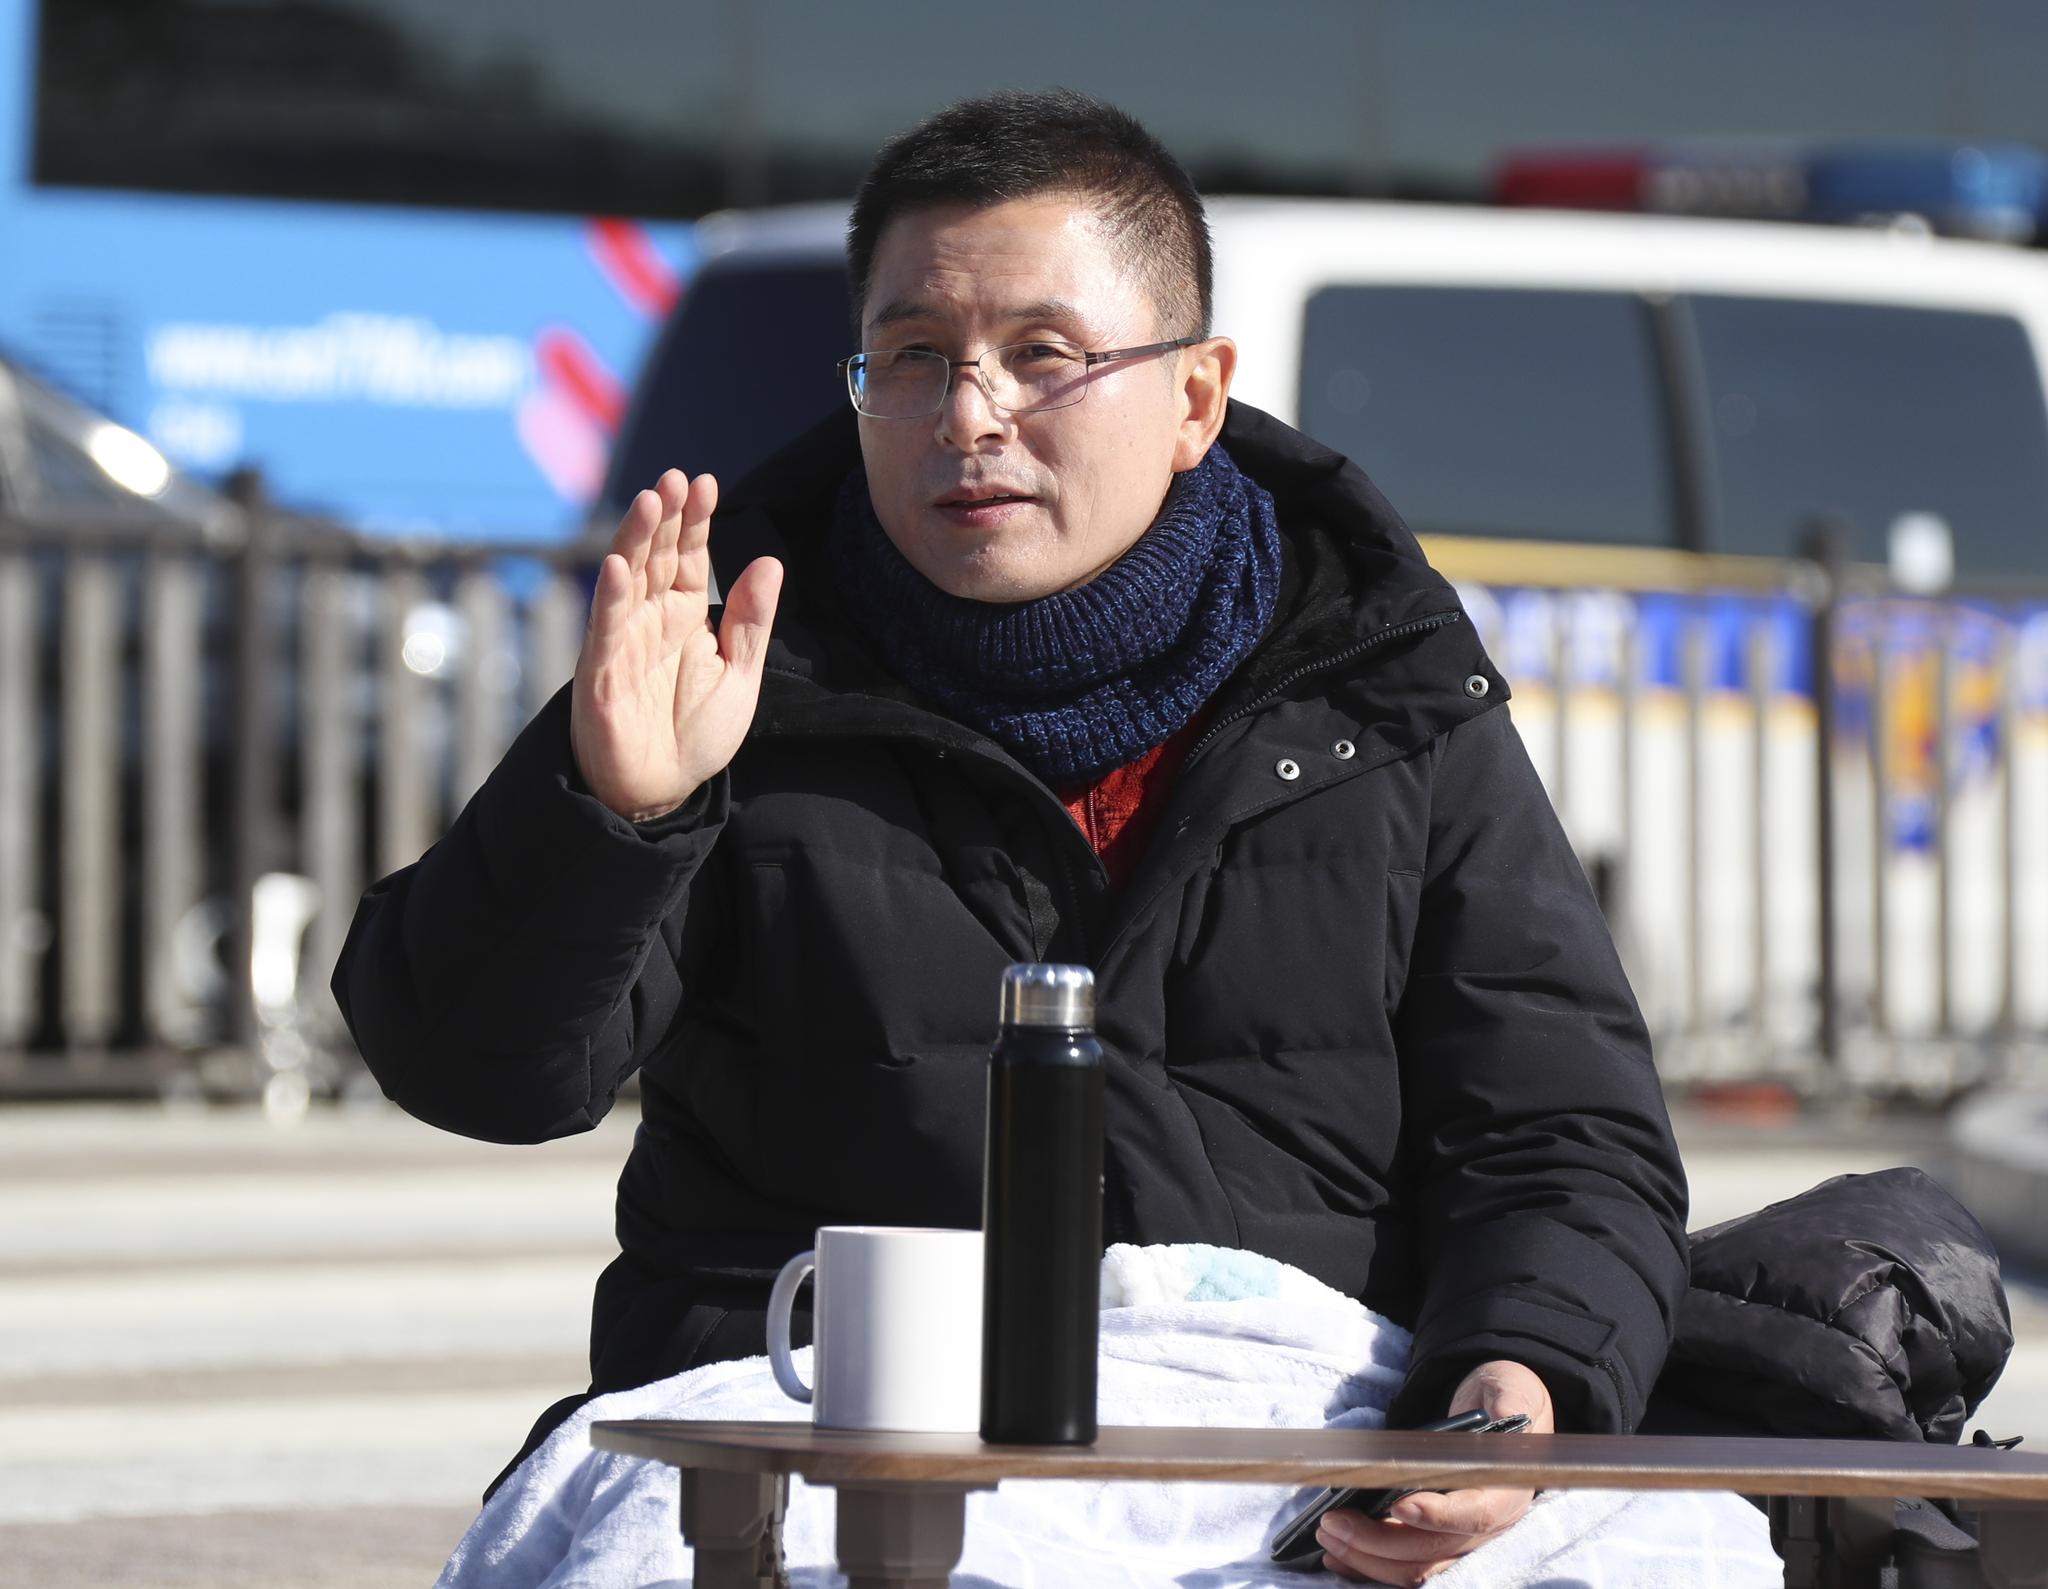 사흘째 단식농성 중인 황교안 자유한국당 대표가 23일 오전 청와대 앞 분수대 광장에서 지지자들에게 손을 들어 인사하고 있다.   임현동 기자